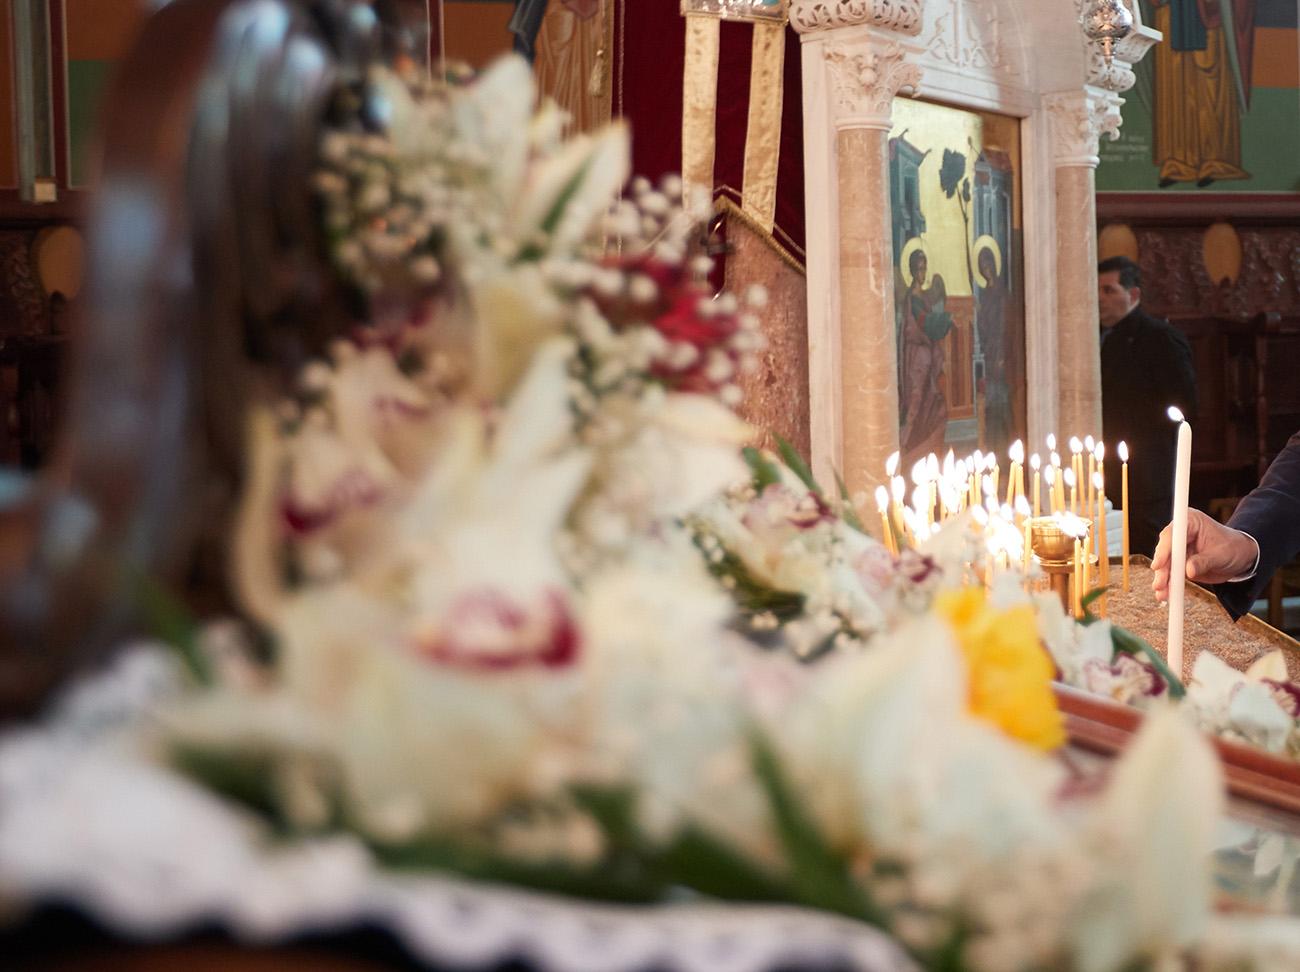 Το ανεξήγητο μυστήριο με την Παναγία Τσαμπίκα